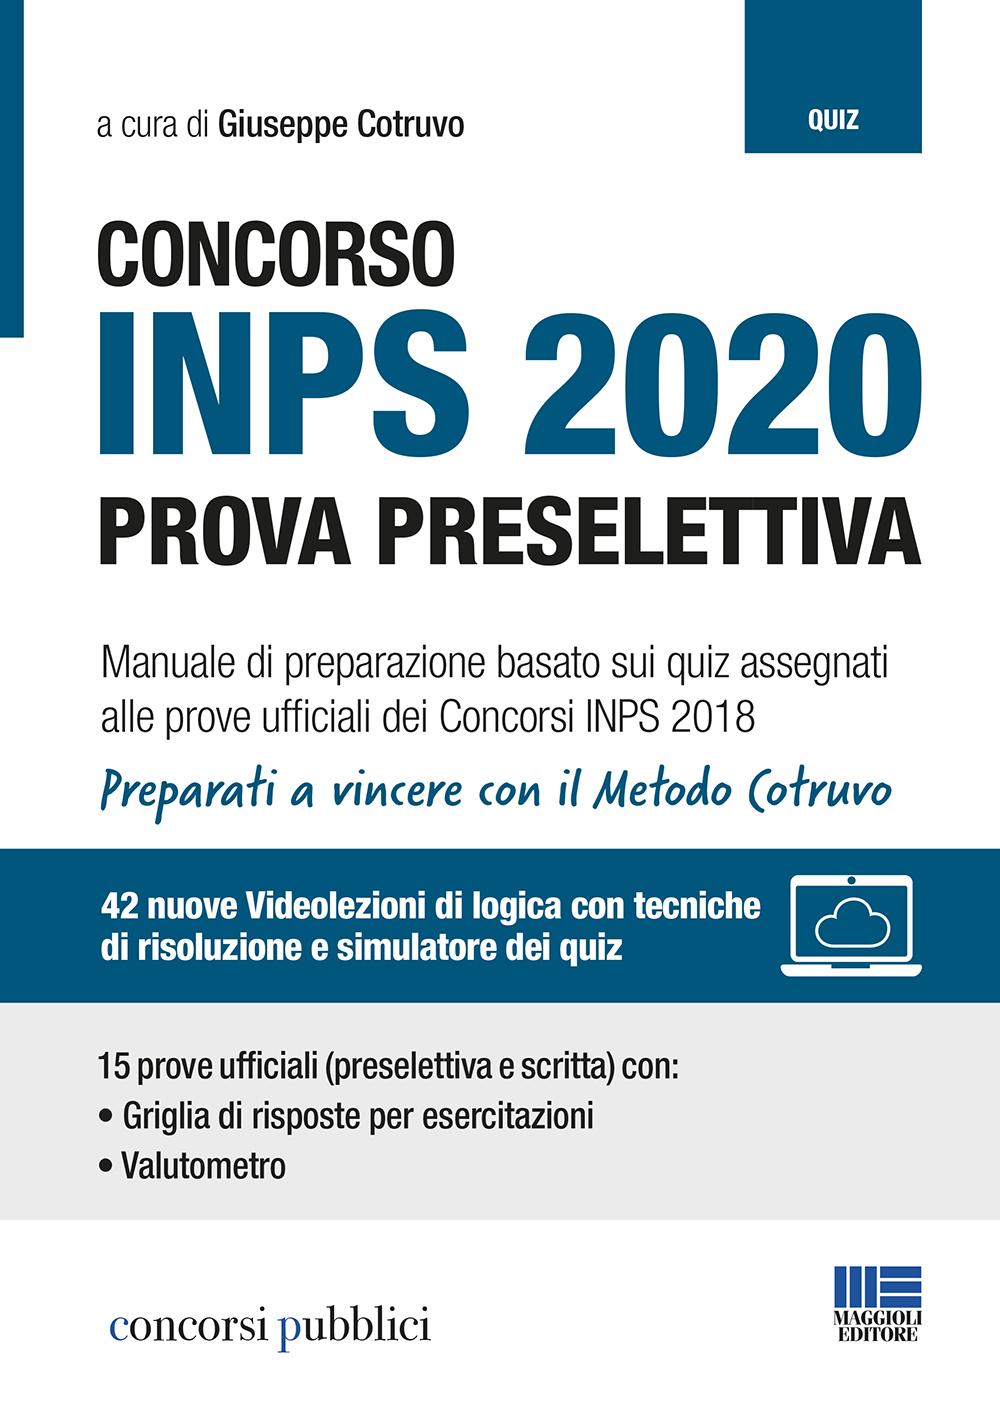 Concorso INPS 2020 - Manuale di preparazione